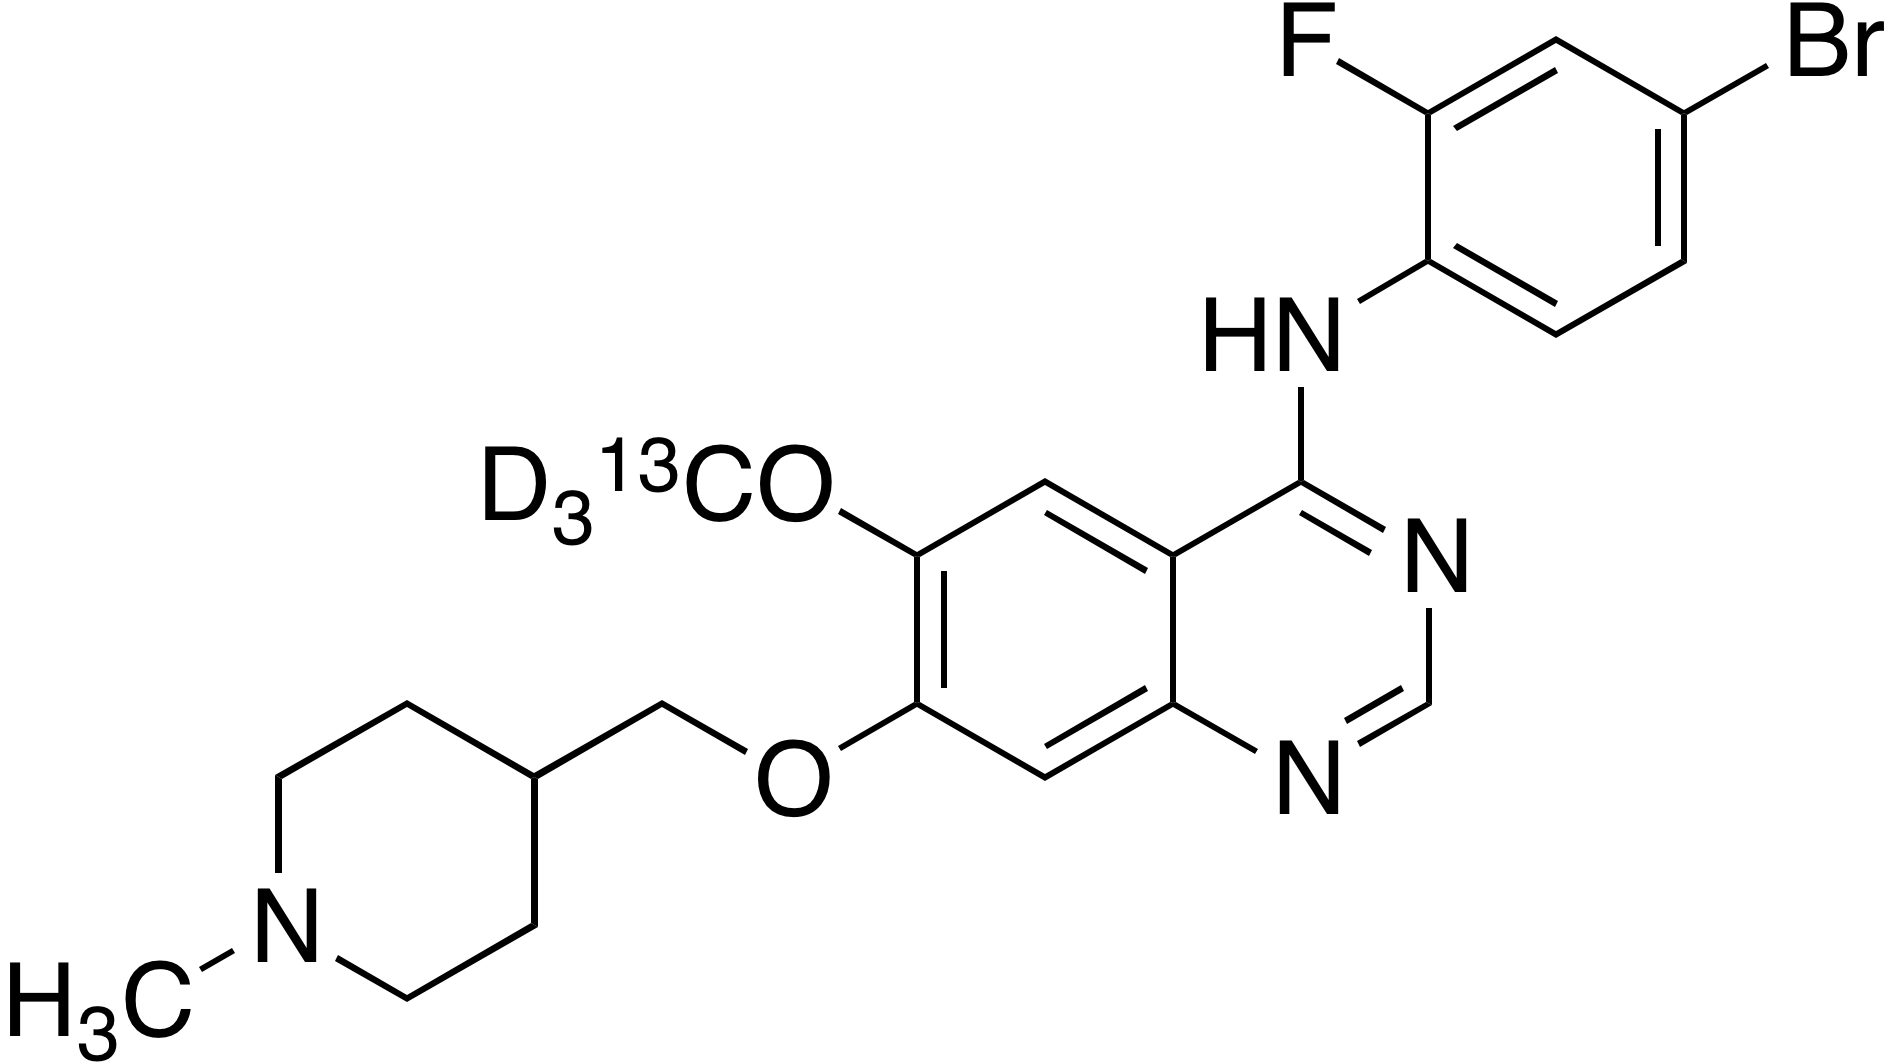 Vandetanib-<sup>13</sup>C, d<sub>3</sub>